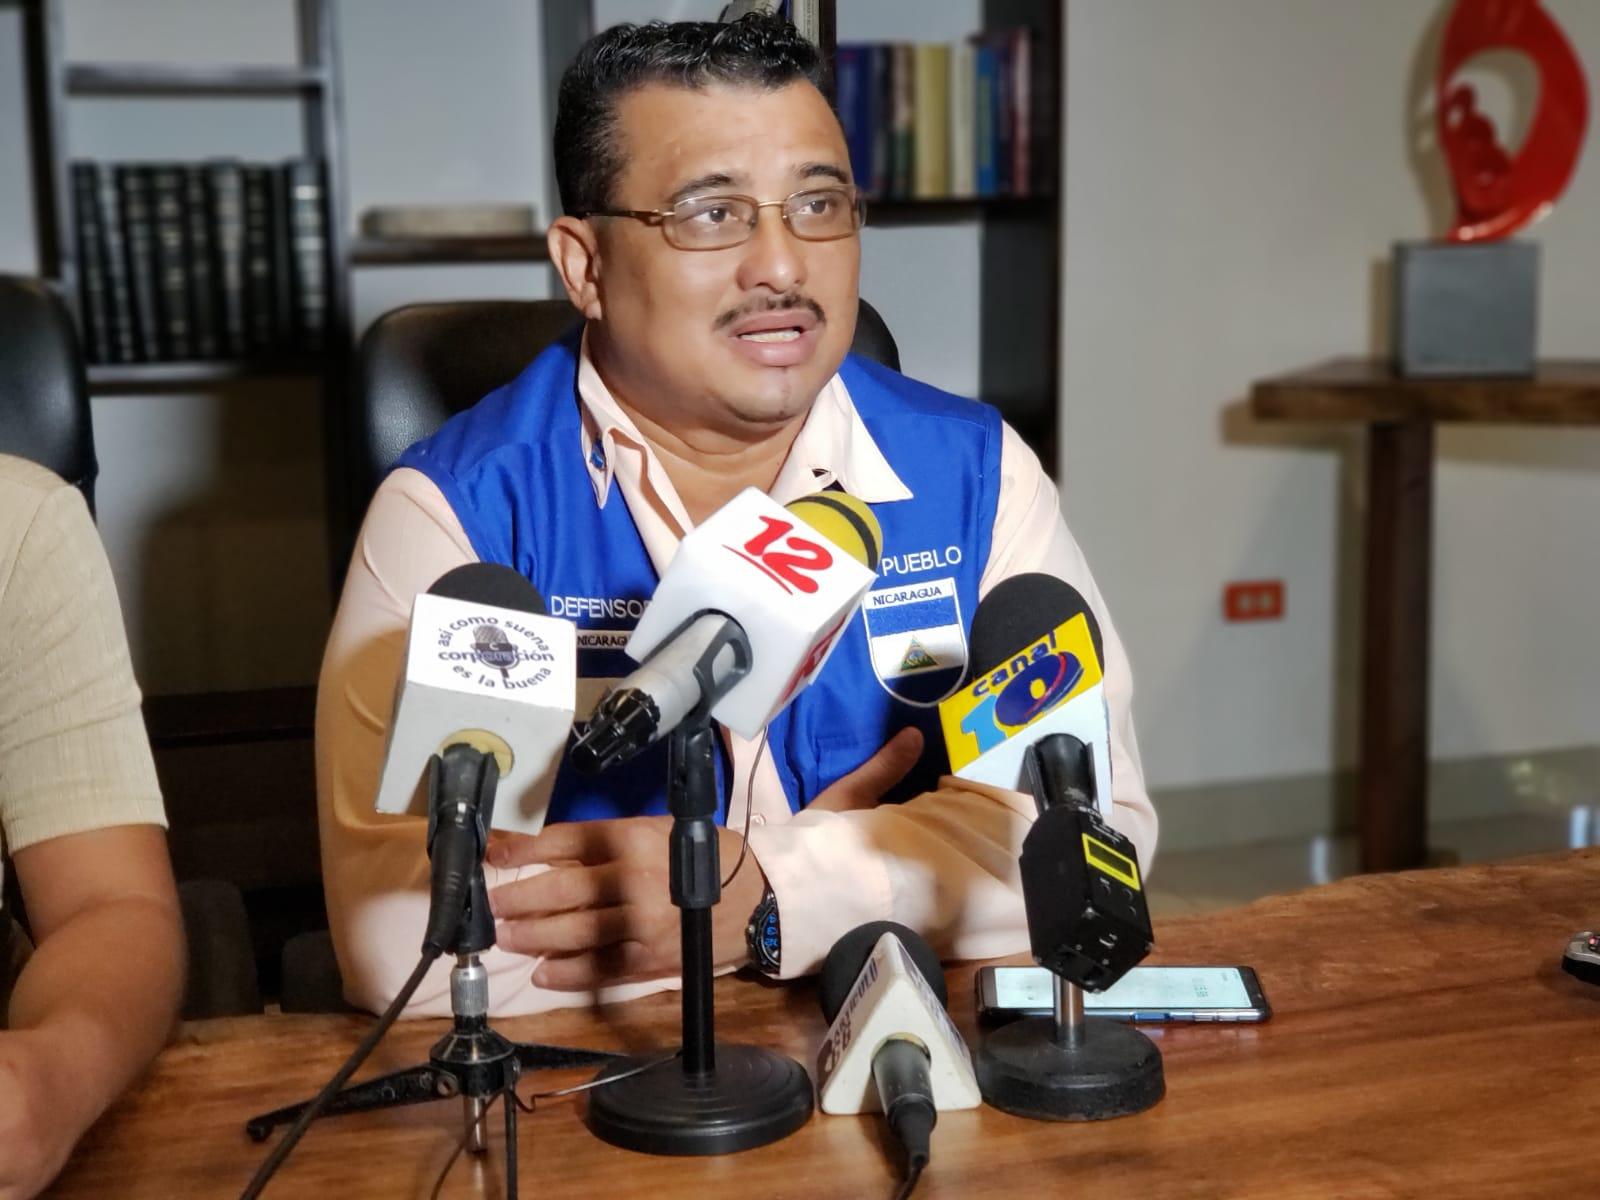 Julio López, abogado de Defensores del Pueblo asegura que al menos 4 casos de detenciones ilegales se han registrado en Masaya, desde el sábado 30 de noviembre. Foto: G. Shiffman / Artículo 66